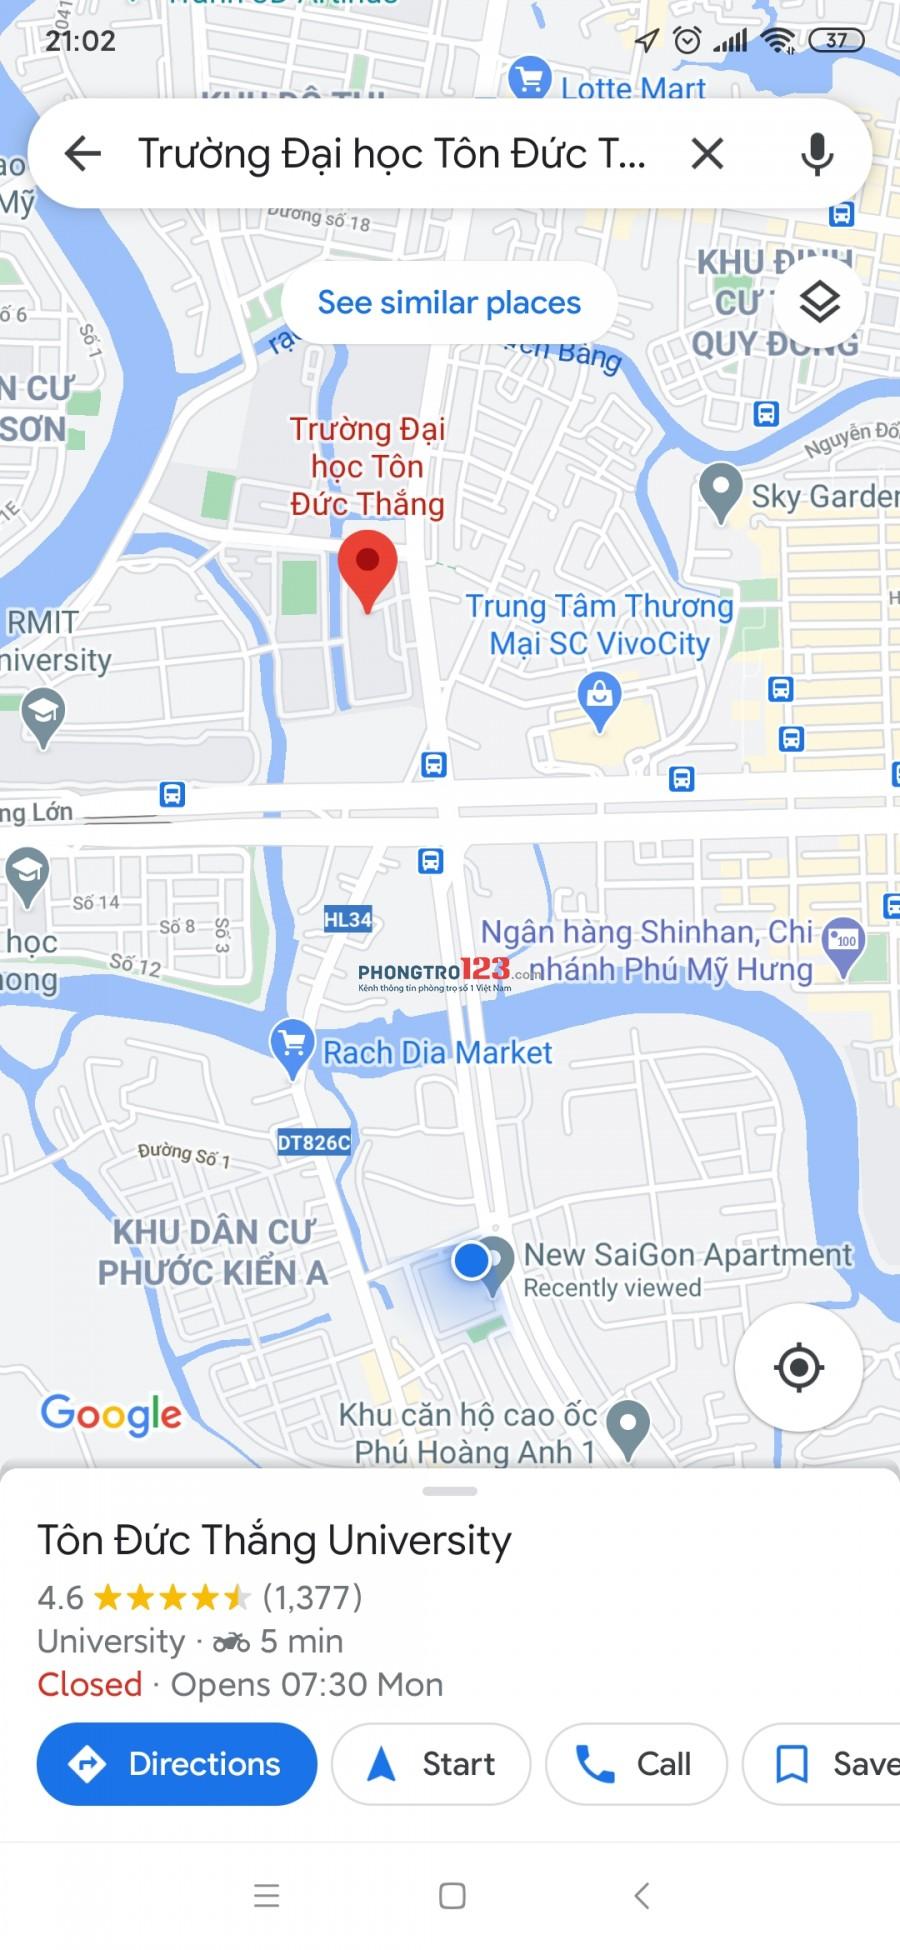 Mình cần tìm thêm 1 bạn nữ ở ghép phòng 2 người tại căn hộ Hoàng Anh New Saigon